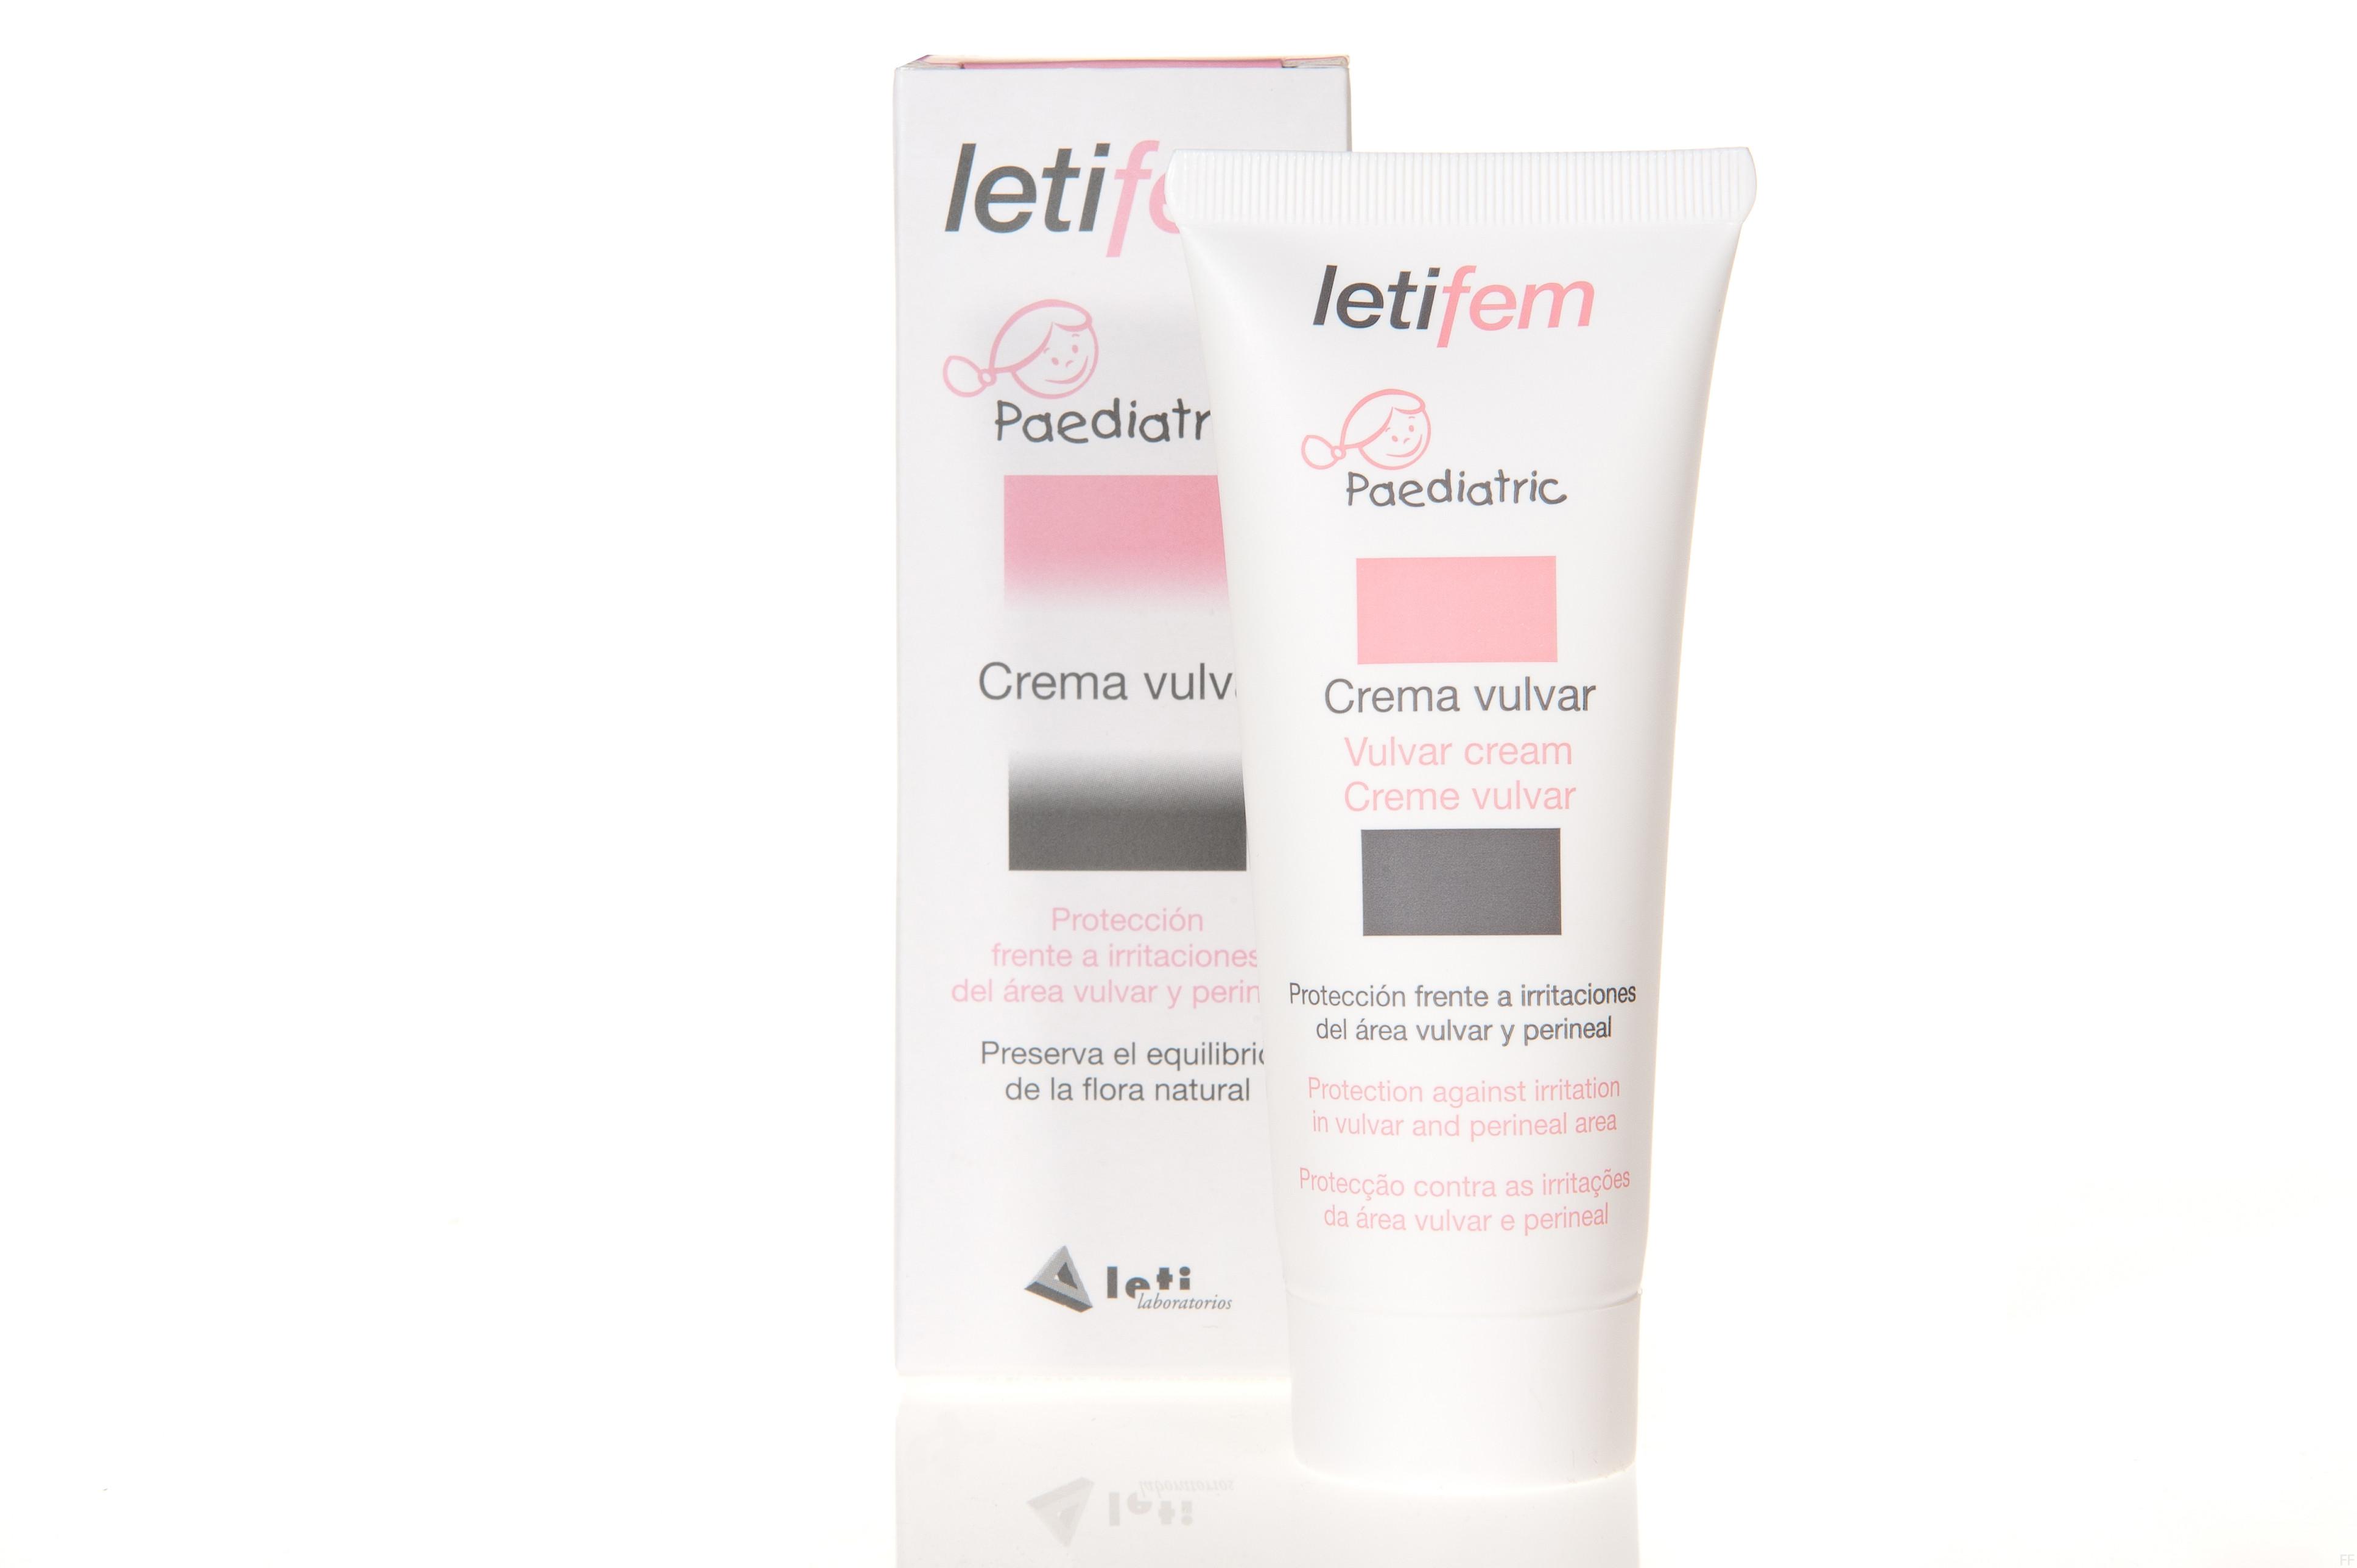 Letifem Crema Vulvar Pediátrica 30 ml